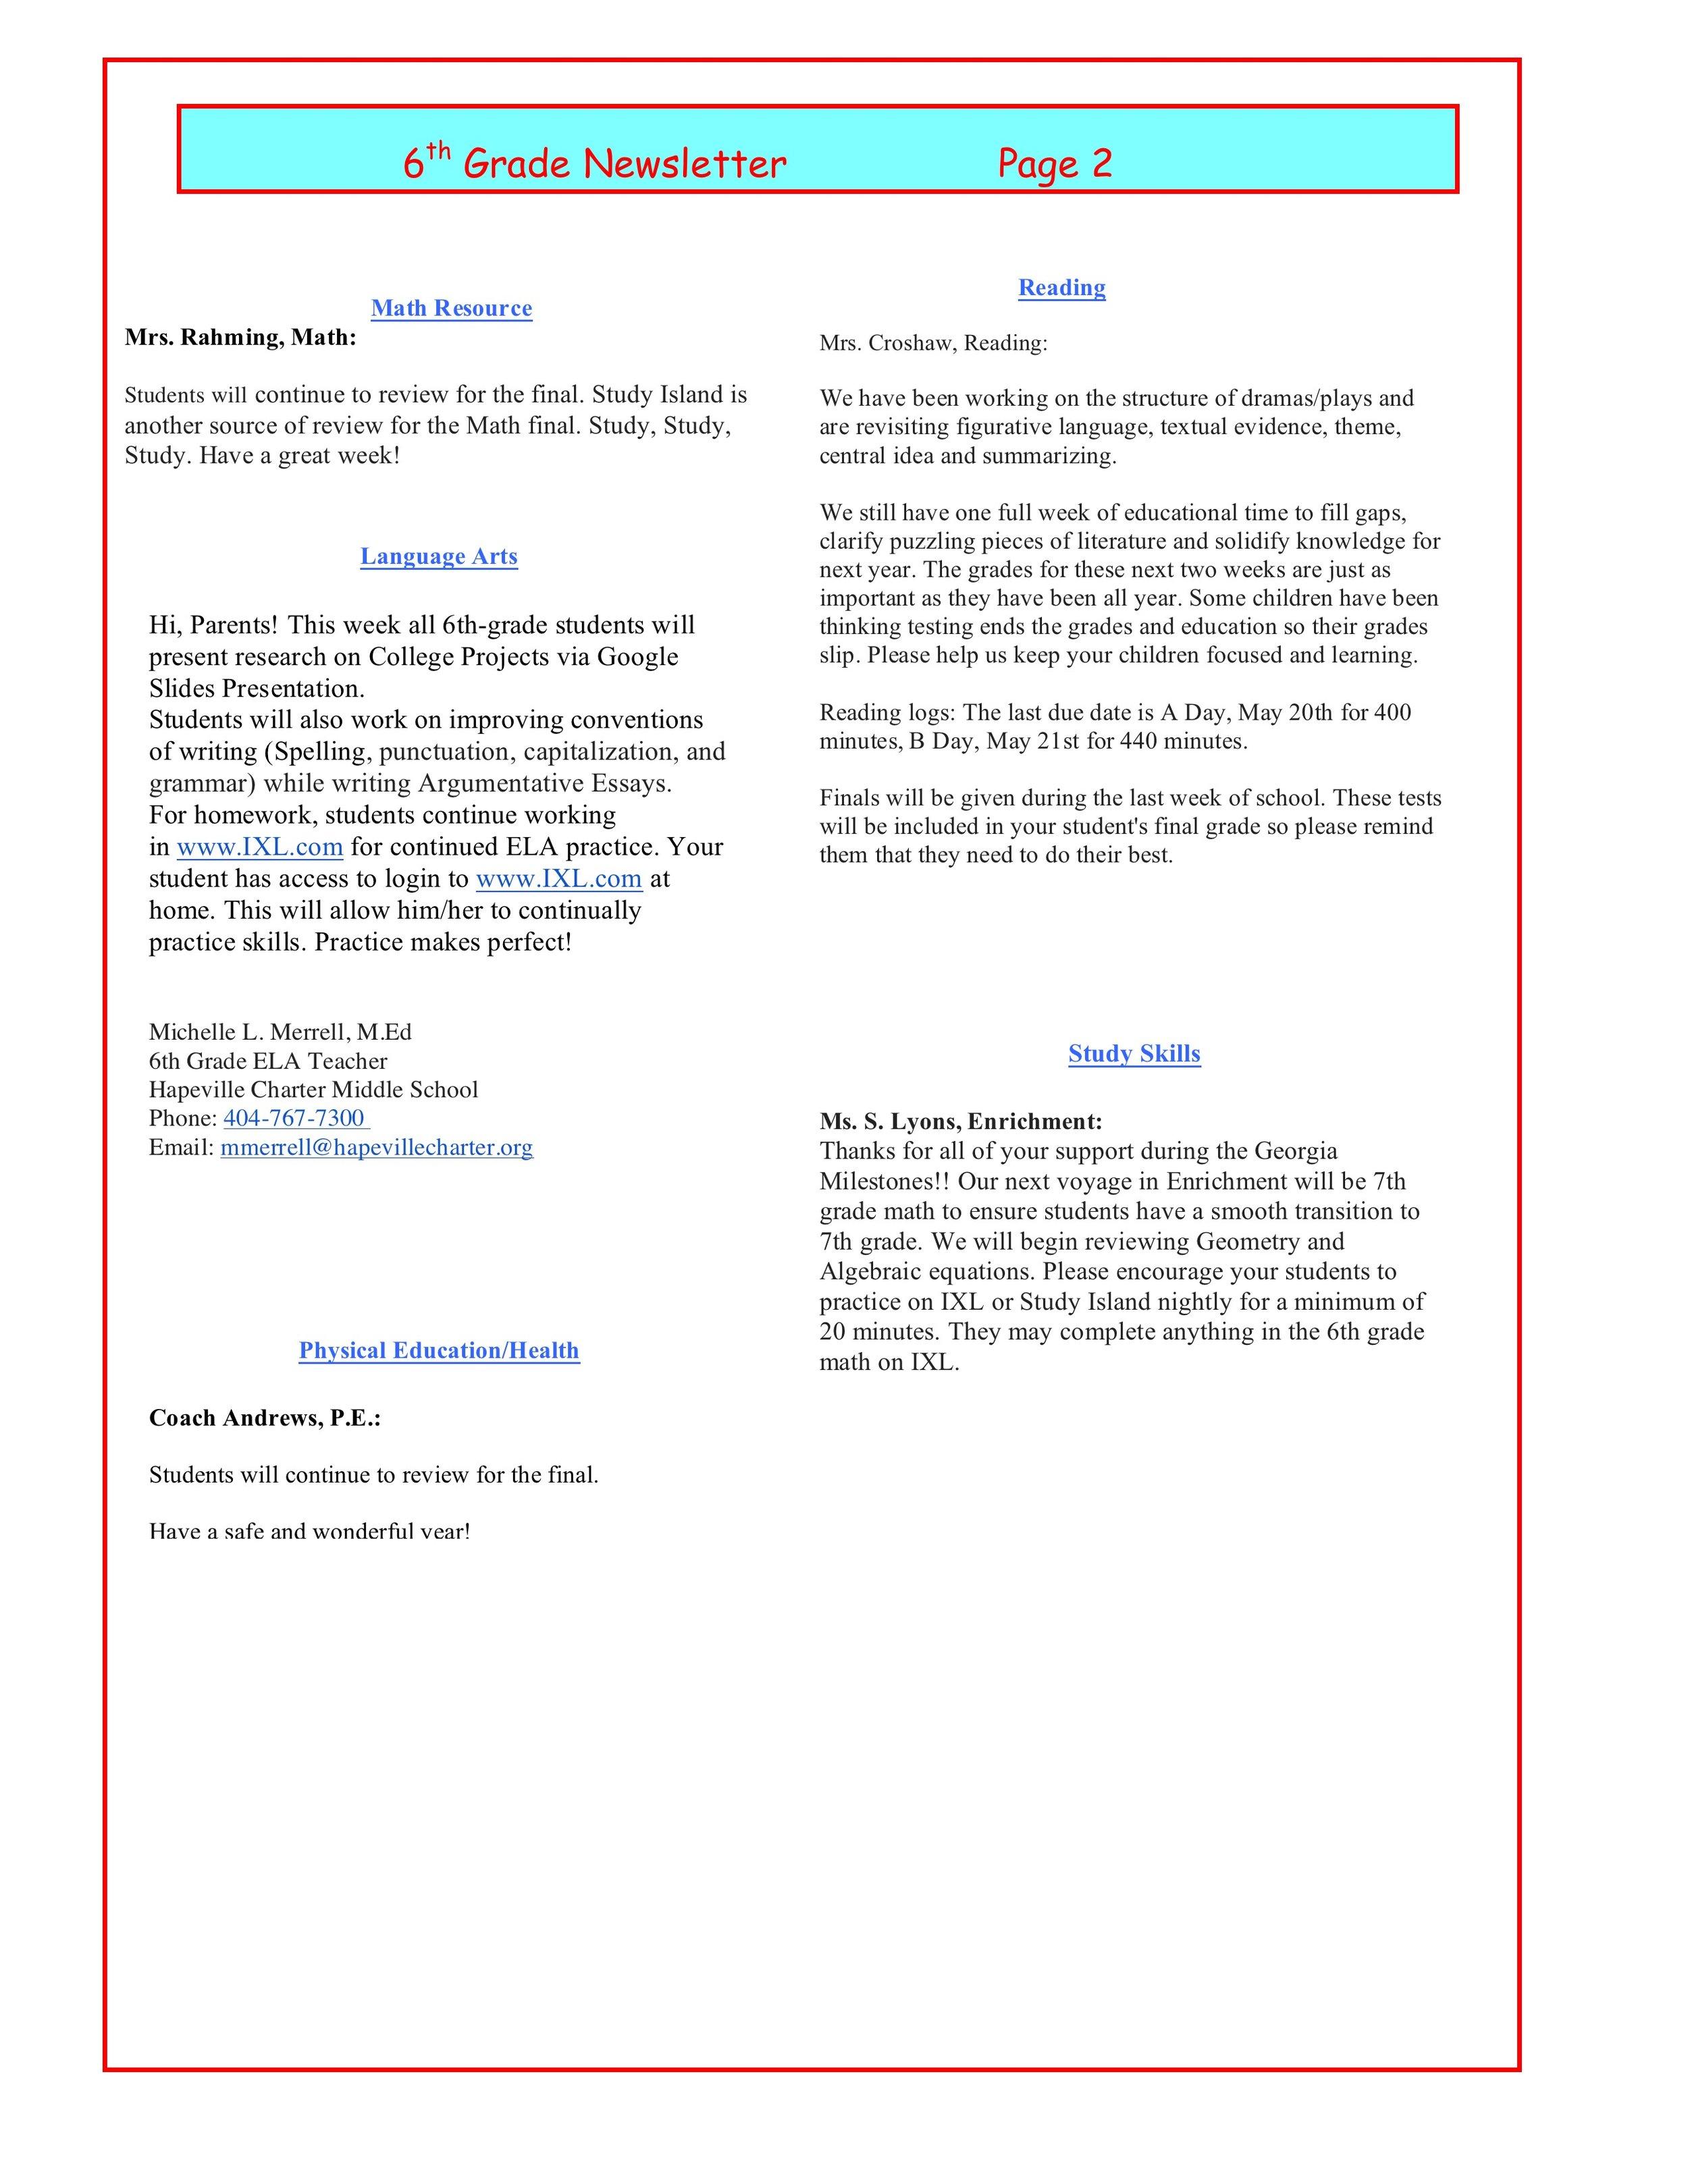 Newsletter Image6th Grade Newsletter 5-16-2017 2.jpeg